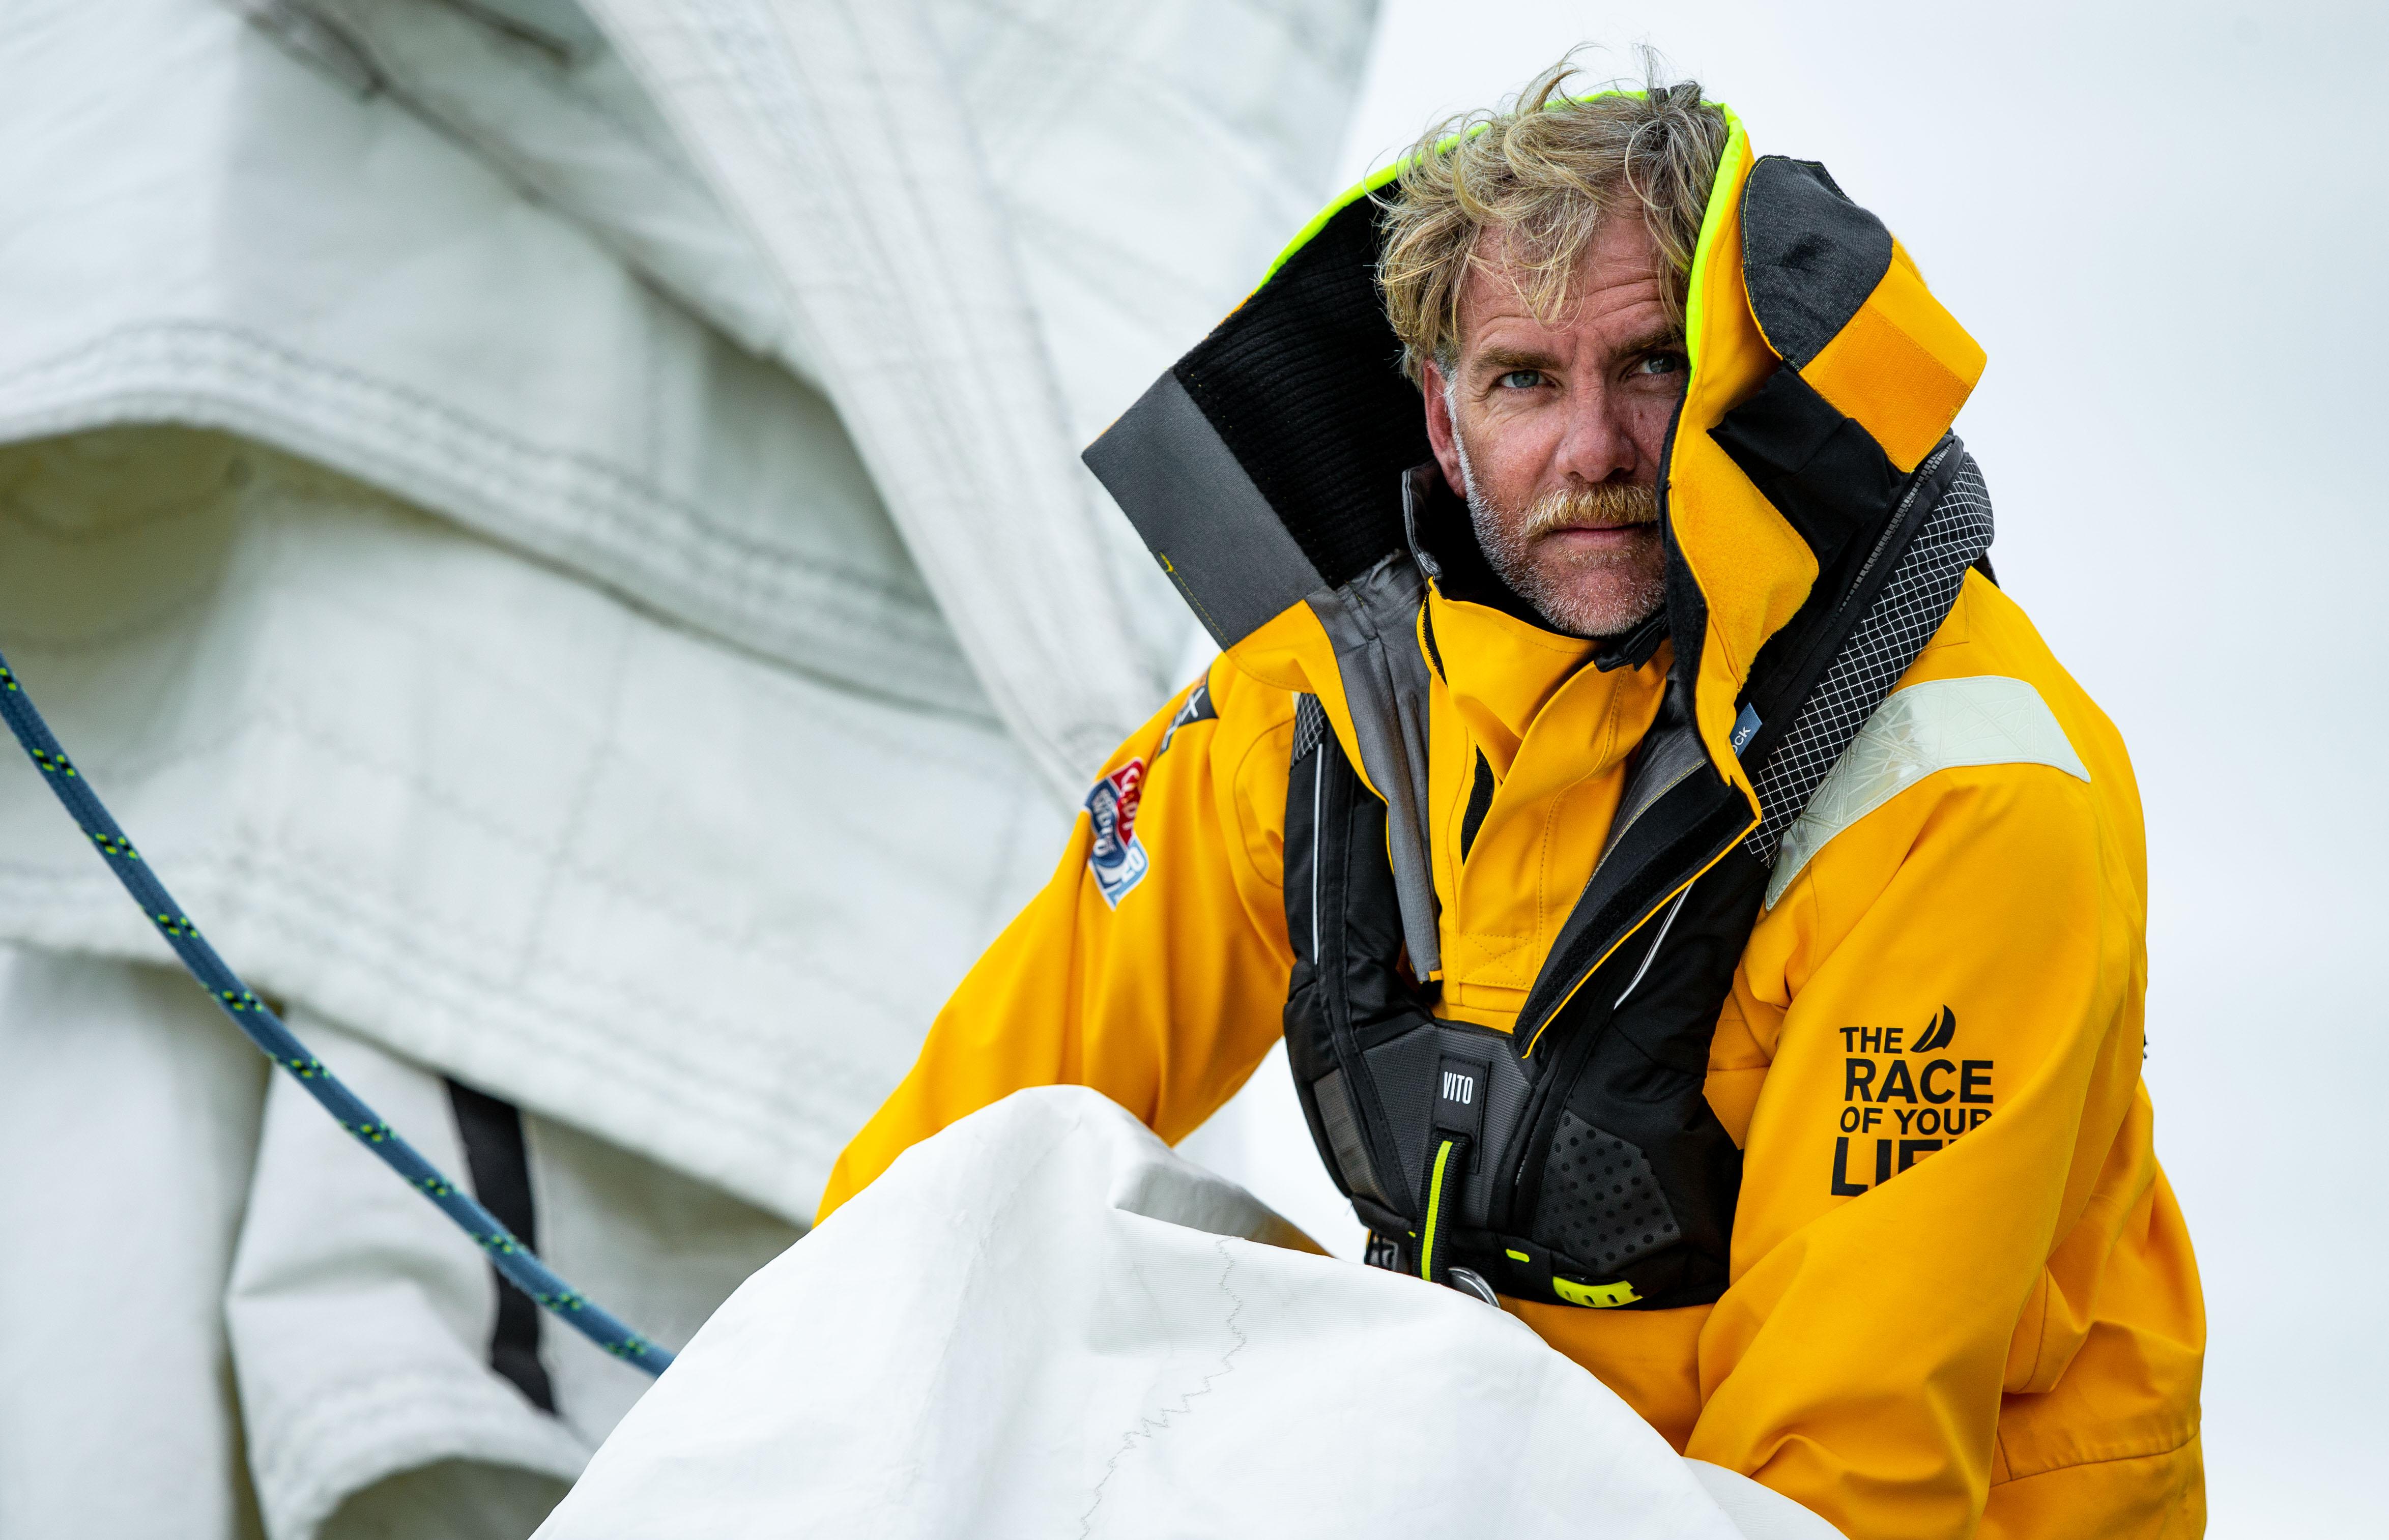 帆船,克利,环球,百慕大,航海 百慕大加盟世界最具挑战环球航海赛事  132656h10cgqx6